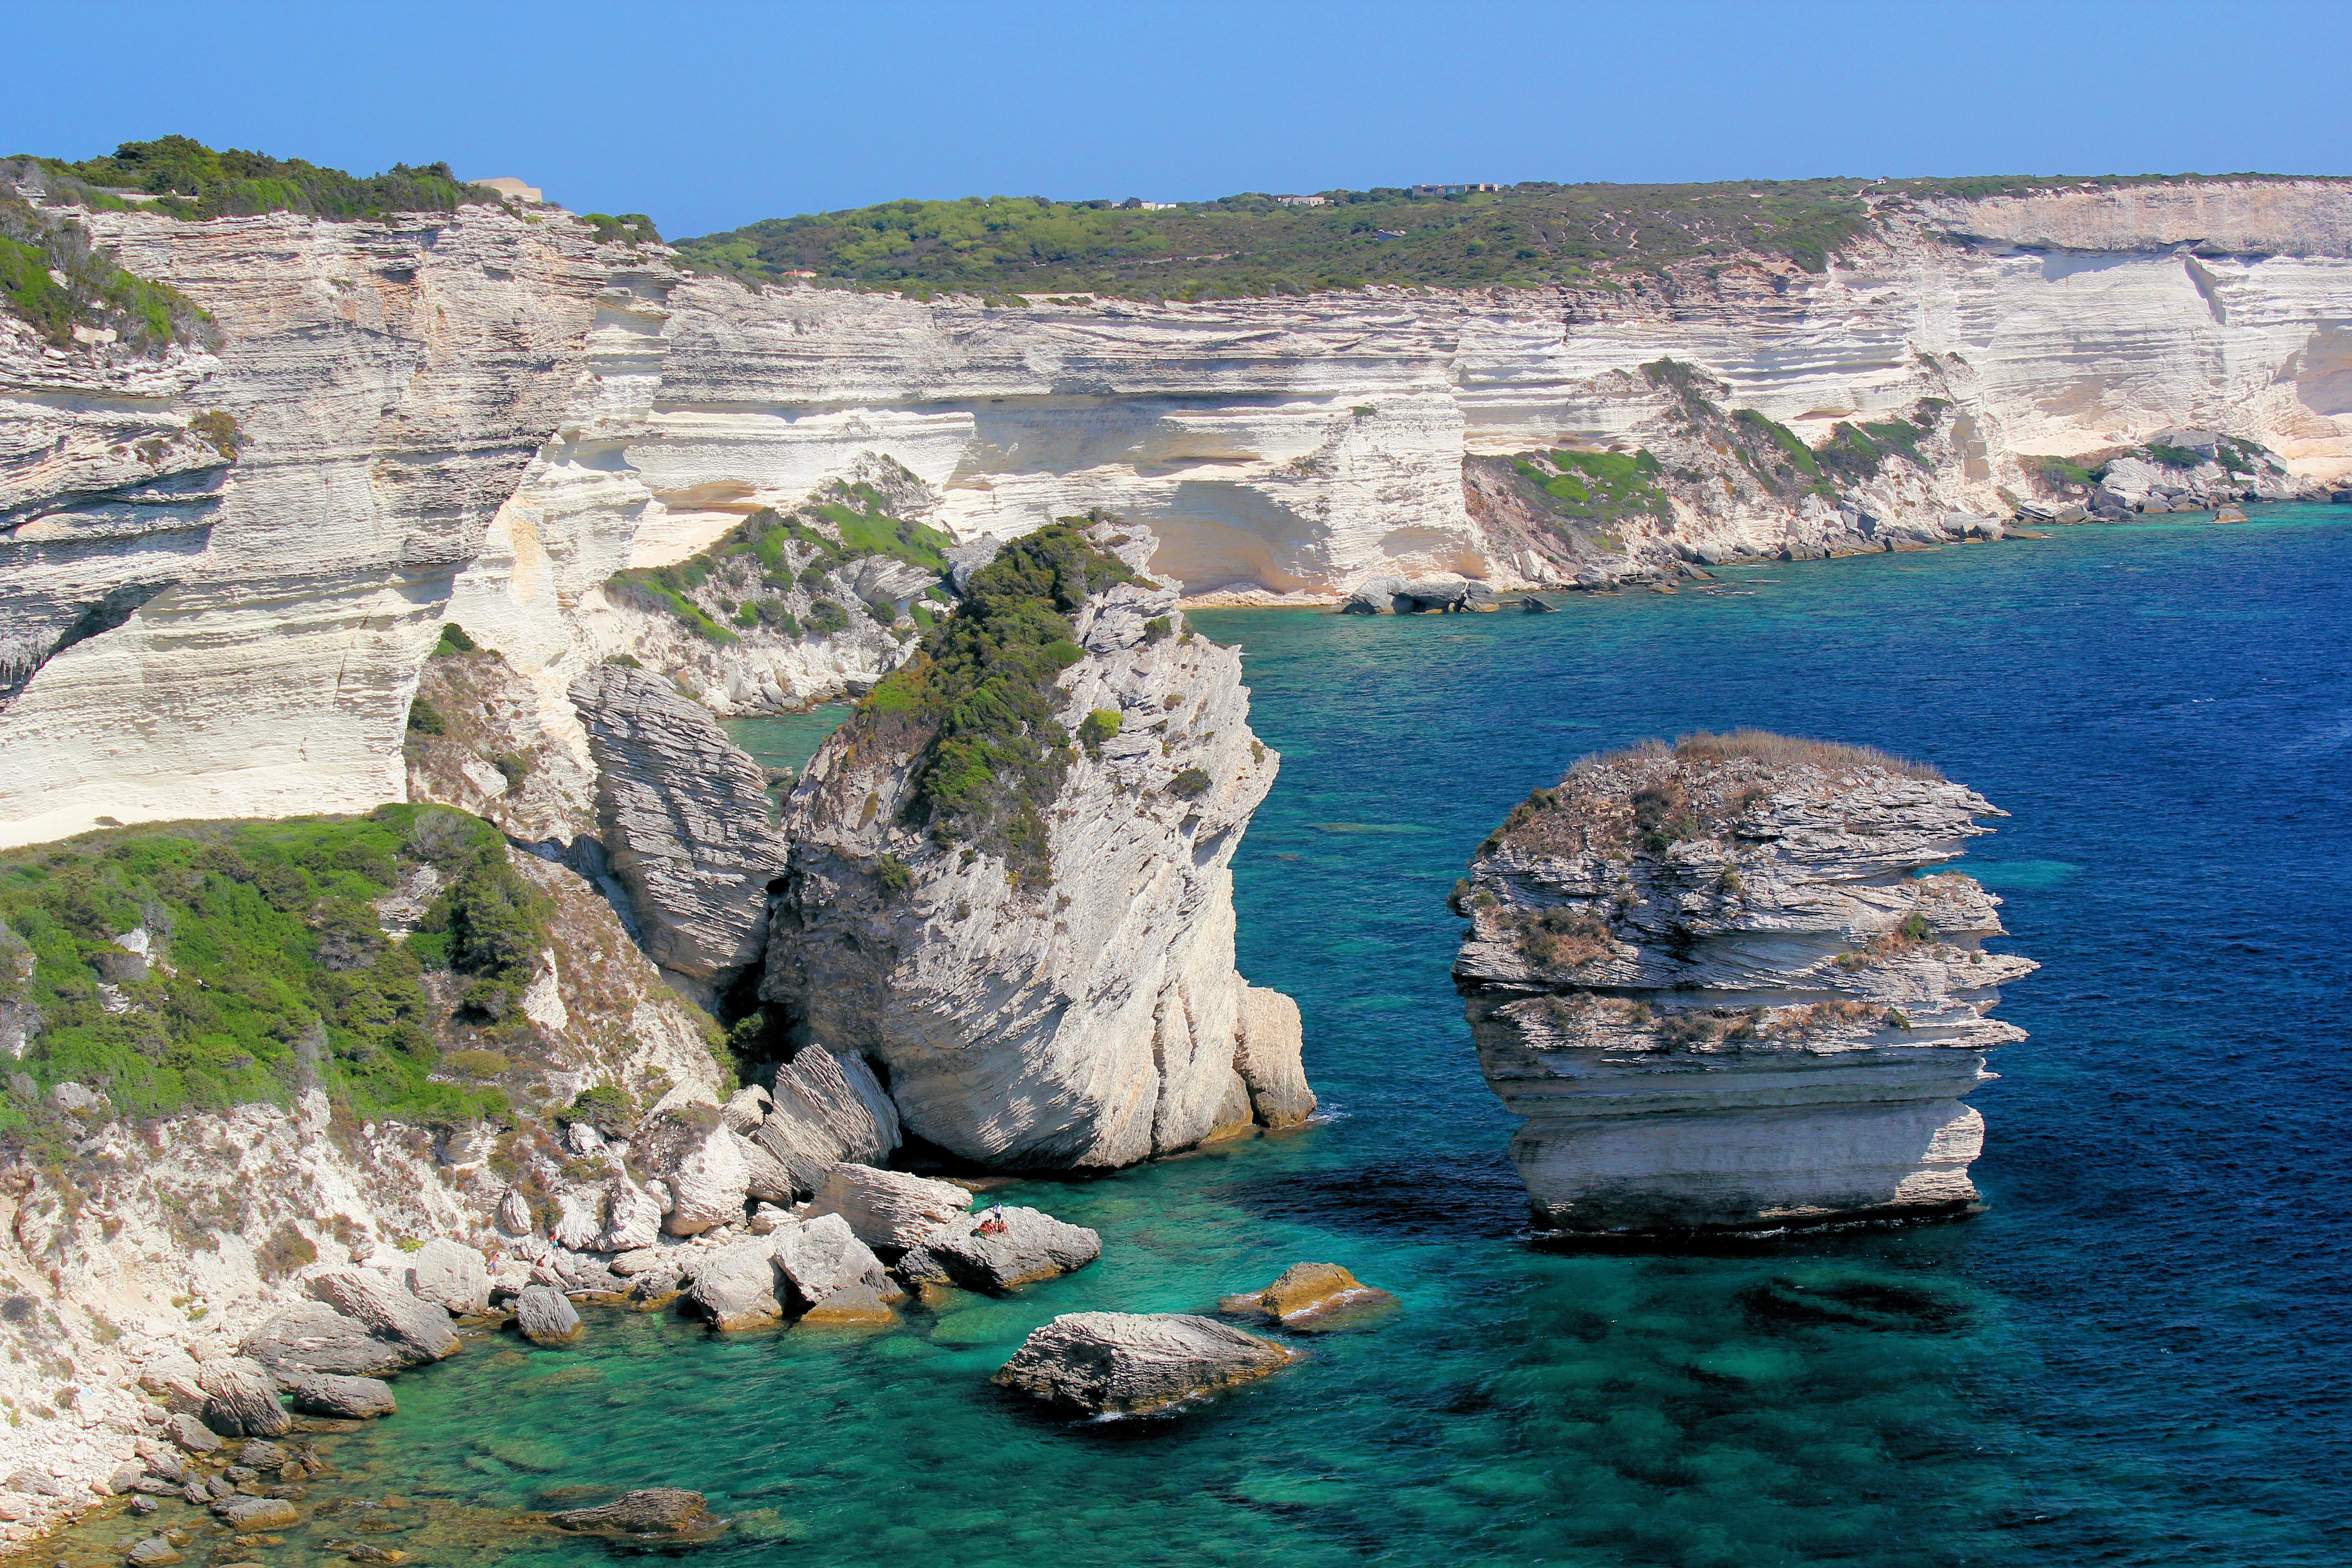 Organisation d'un seminaire séminaire sur la côte méditerranéenne pour entreprise : Séminaire en Corse - image 1